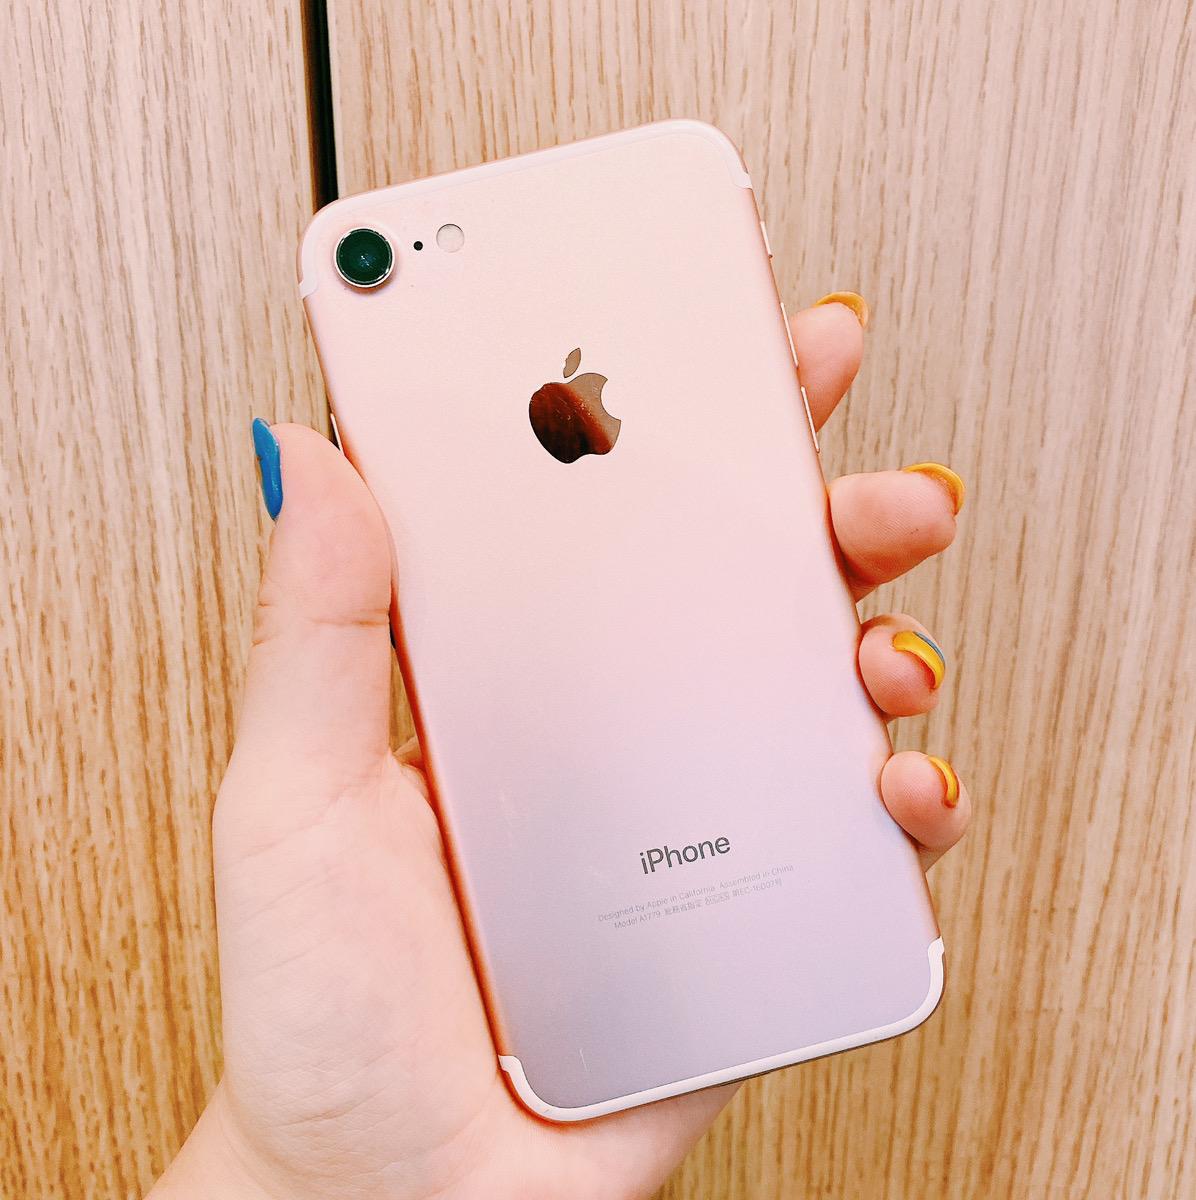 iPhone7 32GB ローズゴールド SIMフリー〇 中古